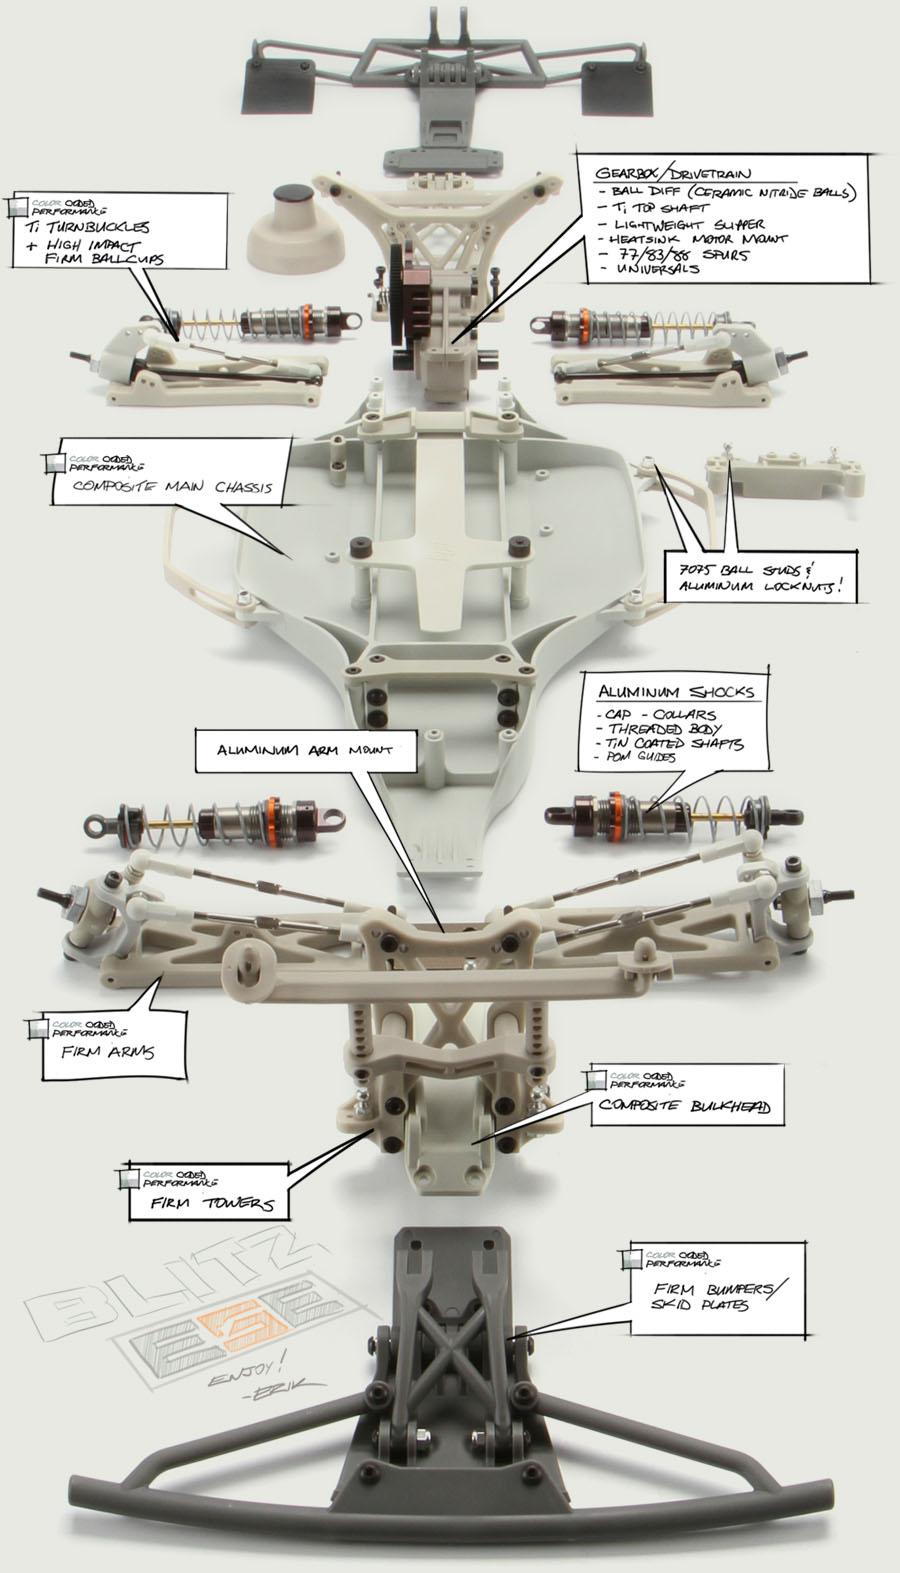 medium resolution of hpi blitz parts diagram wiring diagram schema hpi blitz parts manual hpi blitz parts diagram